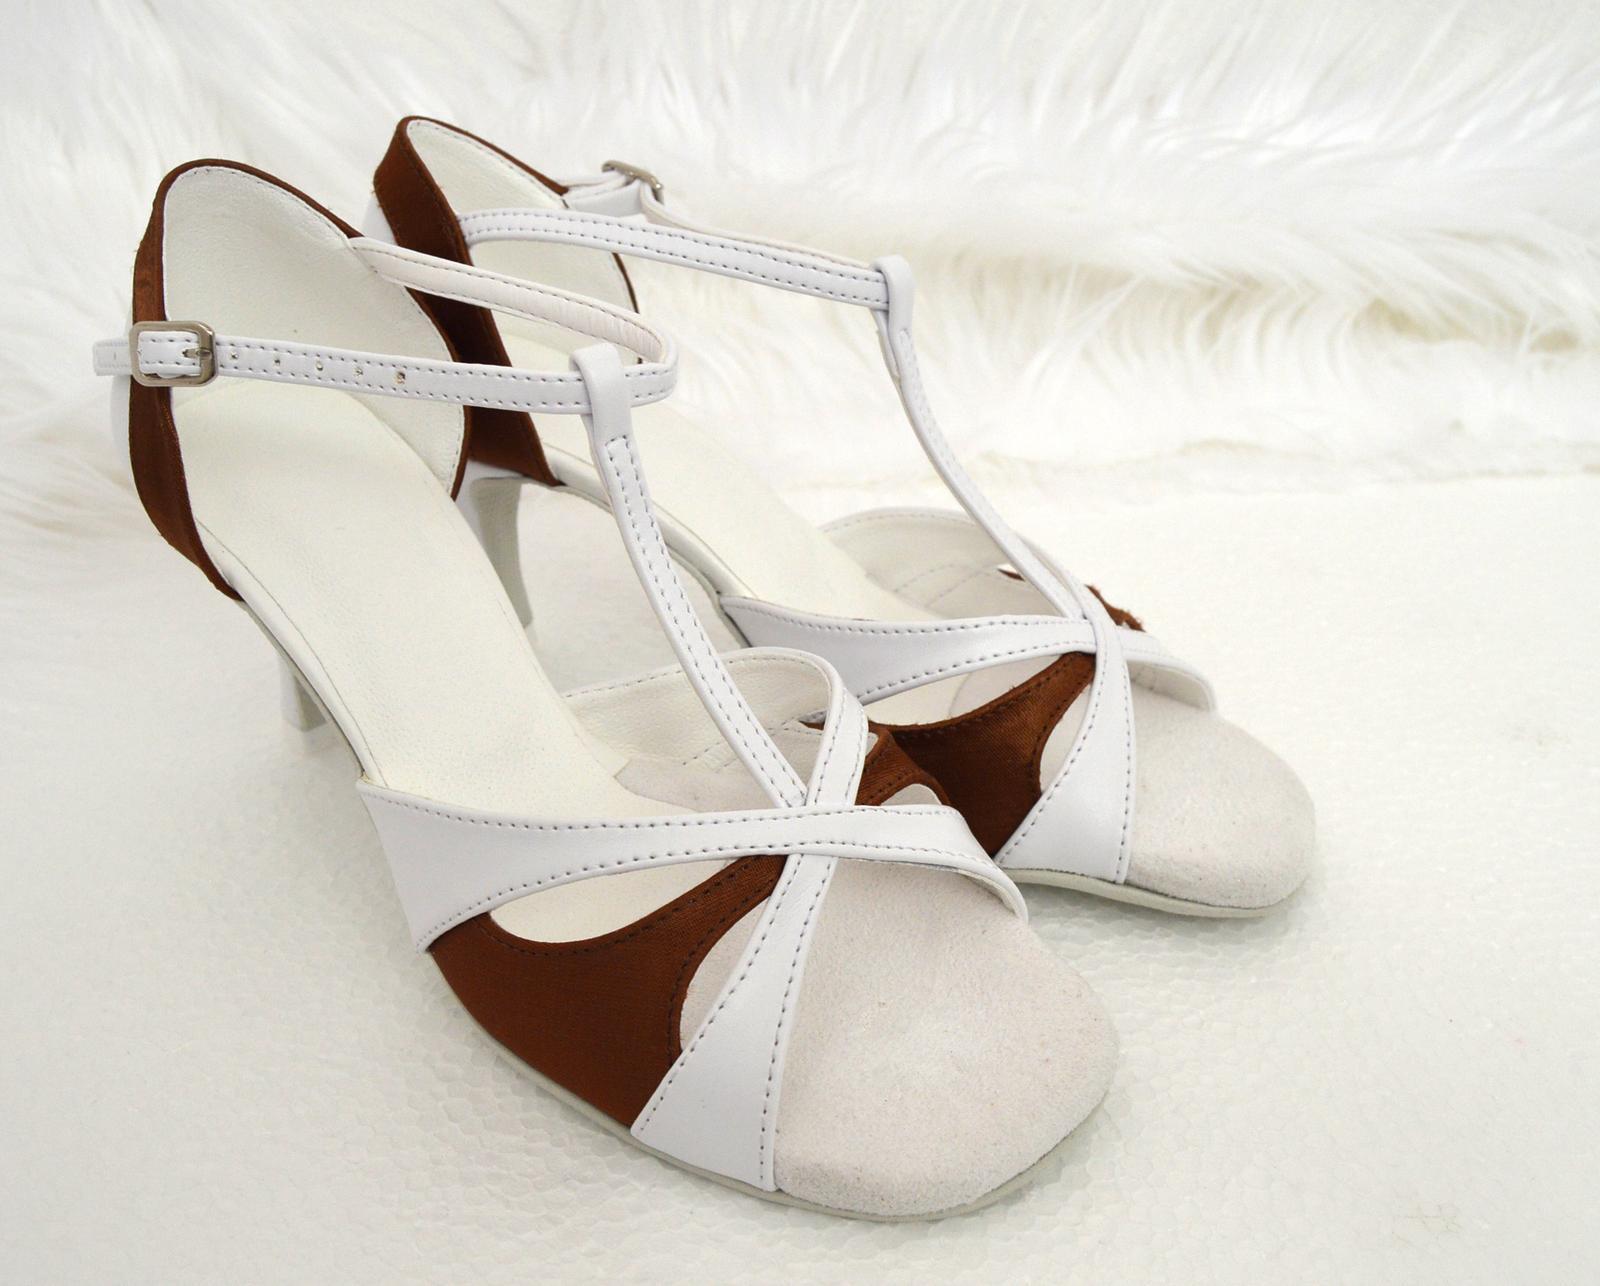 Svadobné topánky s úpravou na želanie - inšpirácie bordó, hnědá, čokoládová - Svadobné tanečné topánky model Veronique v kombinácii biely a čokoládový satén, úpravy podľa želania klientky